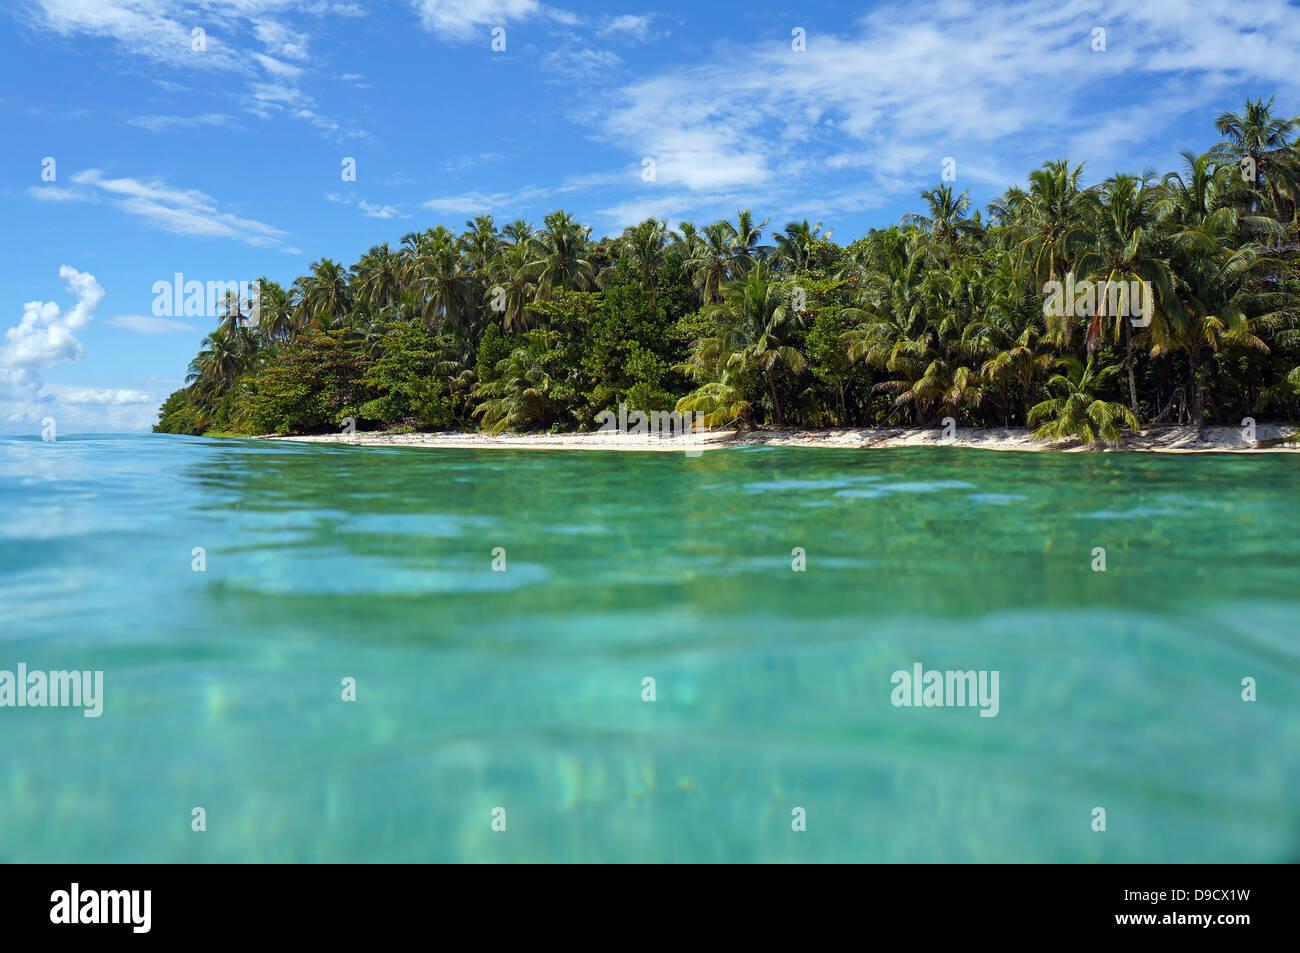 Vista dalla superficie di acqua su un isola tropicale spiaggia con vegetazione lussureggiante, Zapatillas isles, Immagini Stock